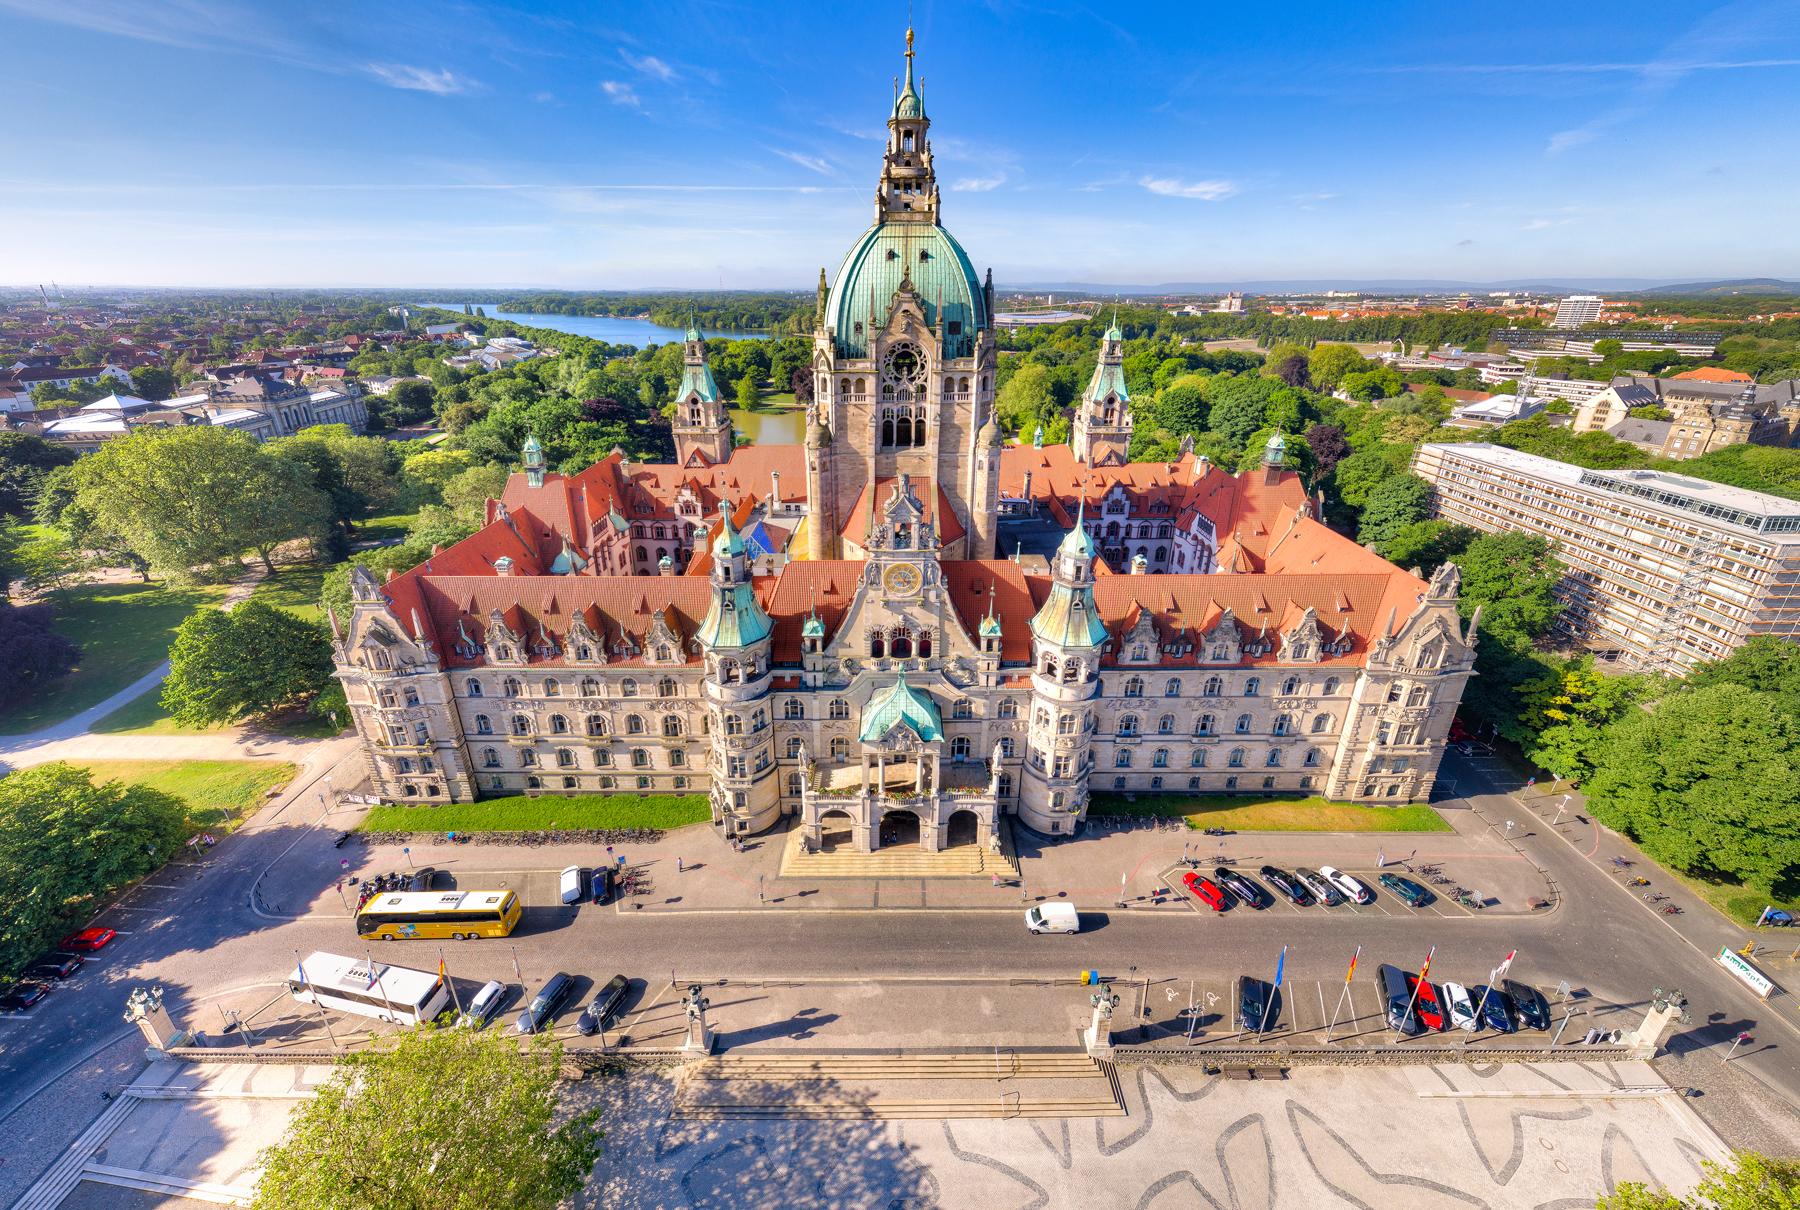 Neues Rathaus Hannover Vogelperspektive